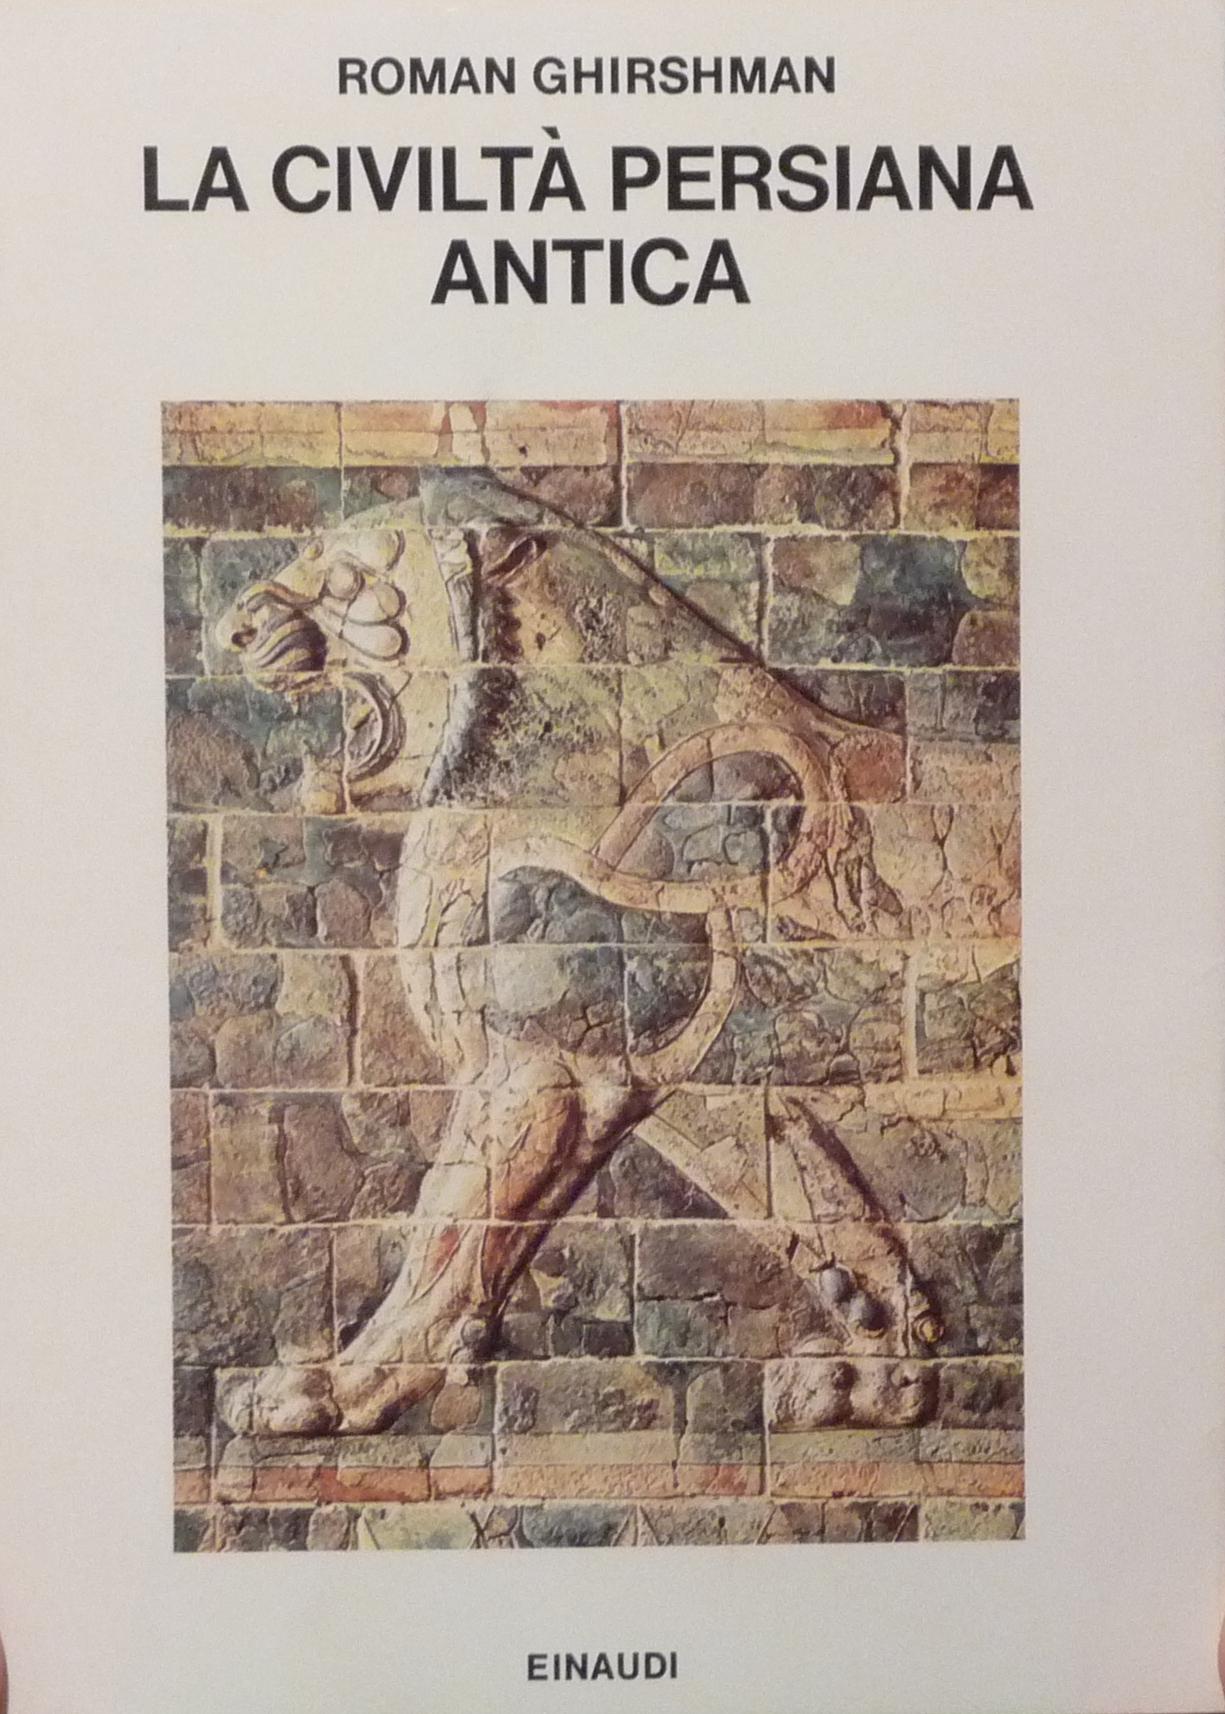 La civiltà persiana antica